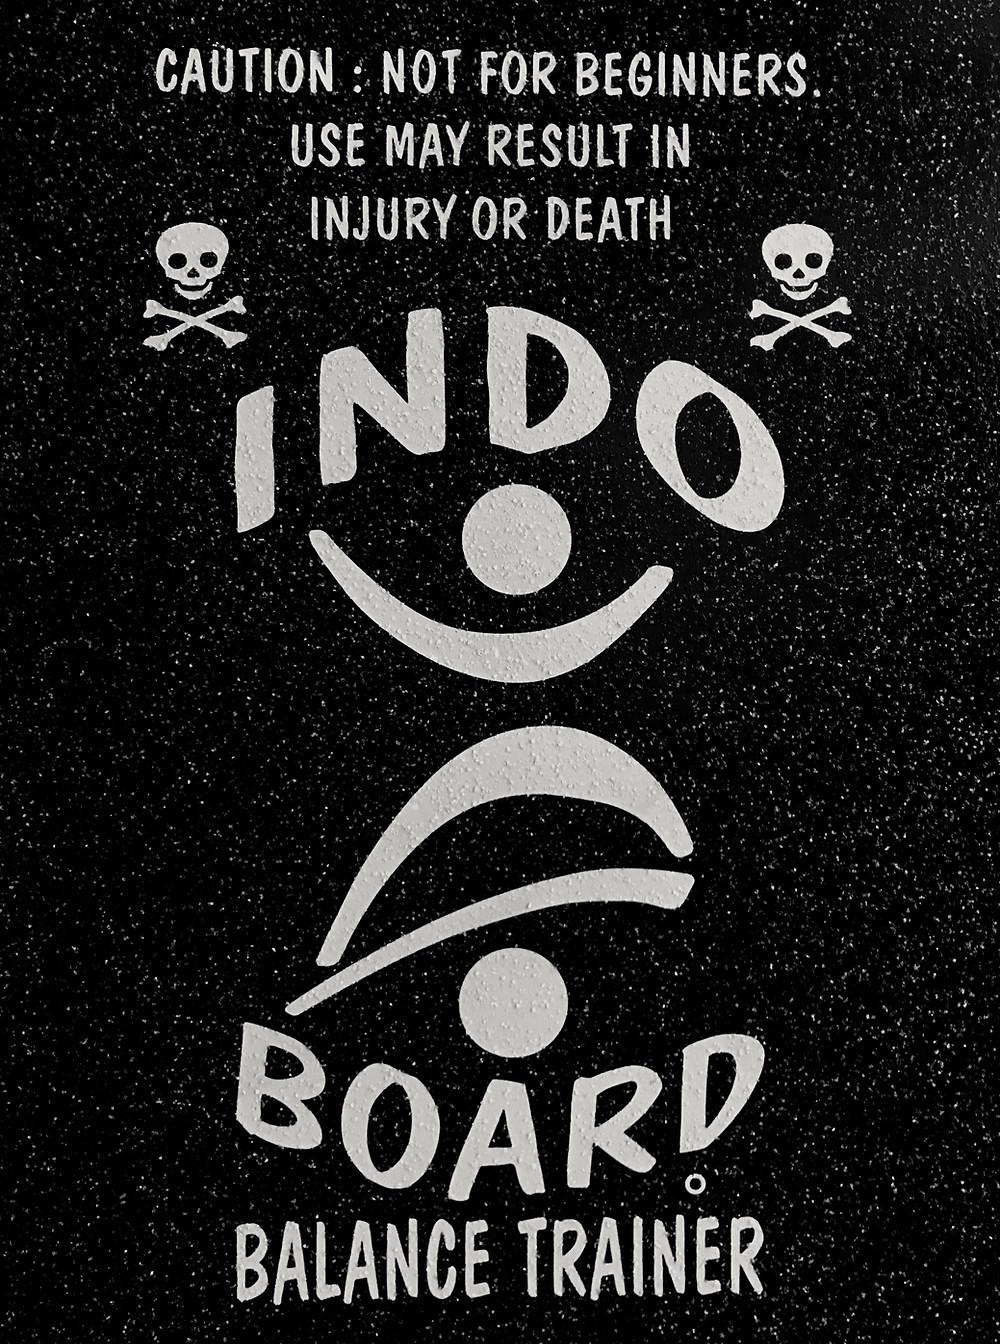 Indo Board balance trainer Mini Kicktail deck logo